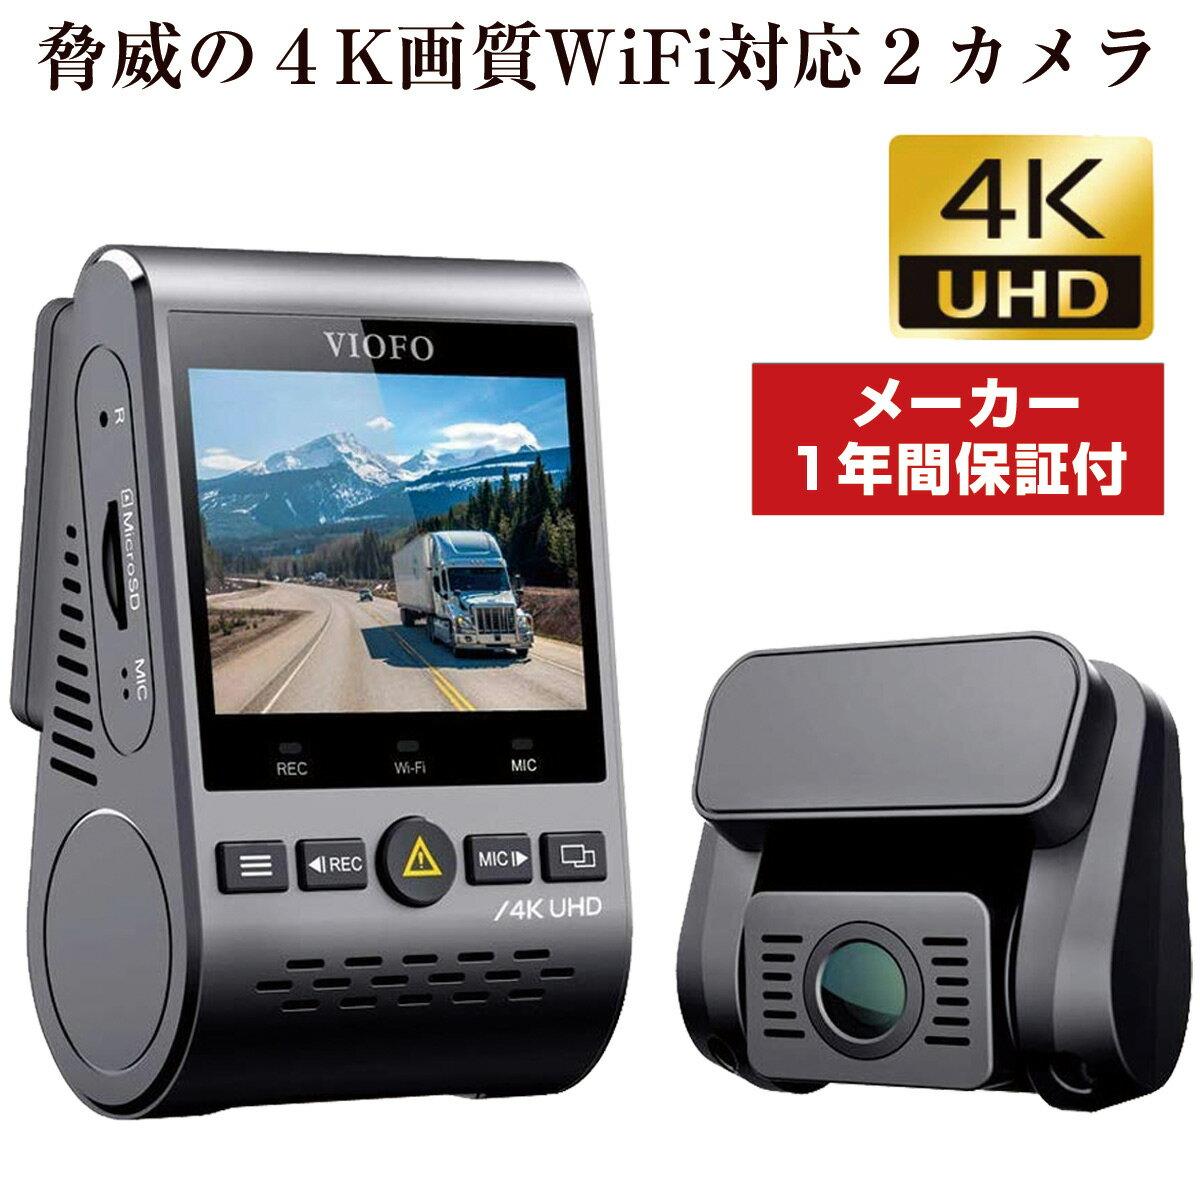 ドライブレコーダー 前後 4K 2カメラ 前後2カメラ SONYセンサー 夜間撮影に強い Wi-Fi搭載 GPS WDR Gセンサー 駐車監視 地デジノイズ対策済み VIOFO A129 PRO DUO画像